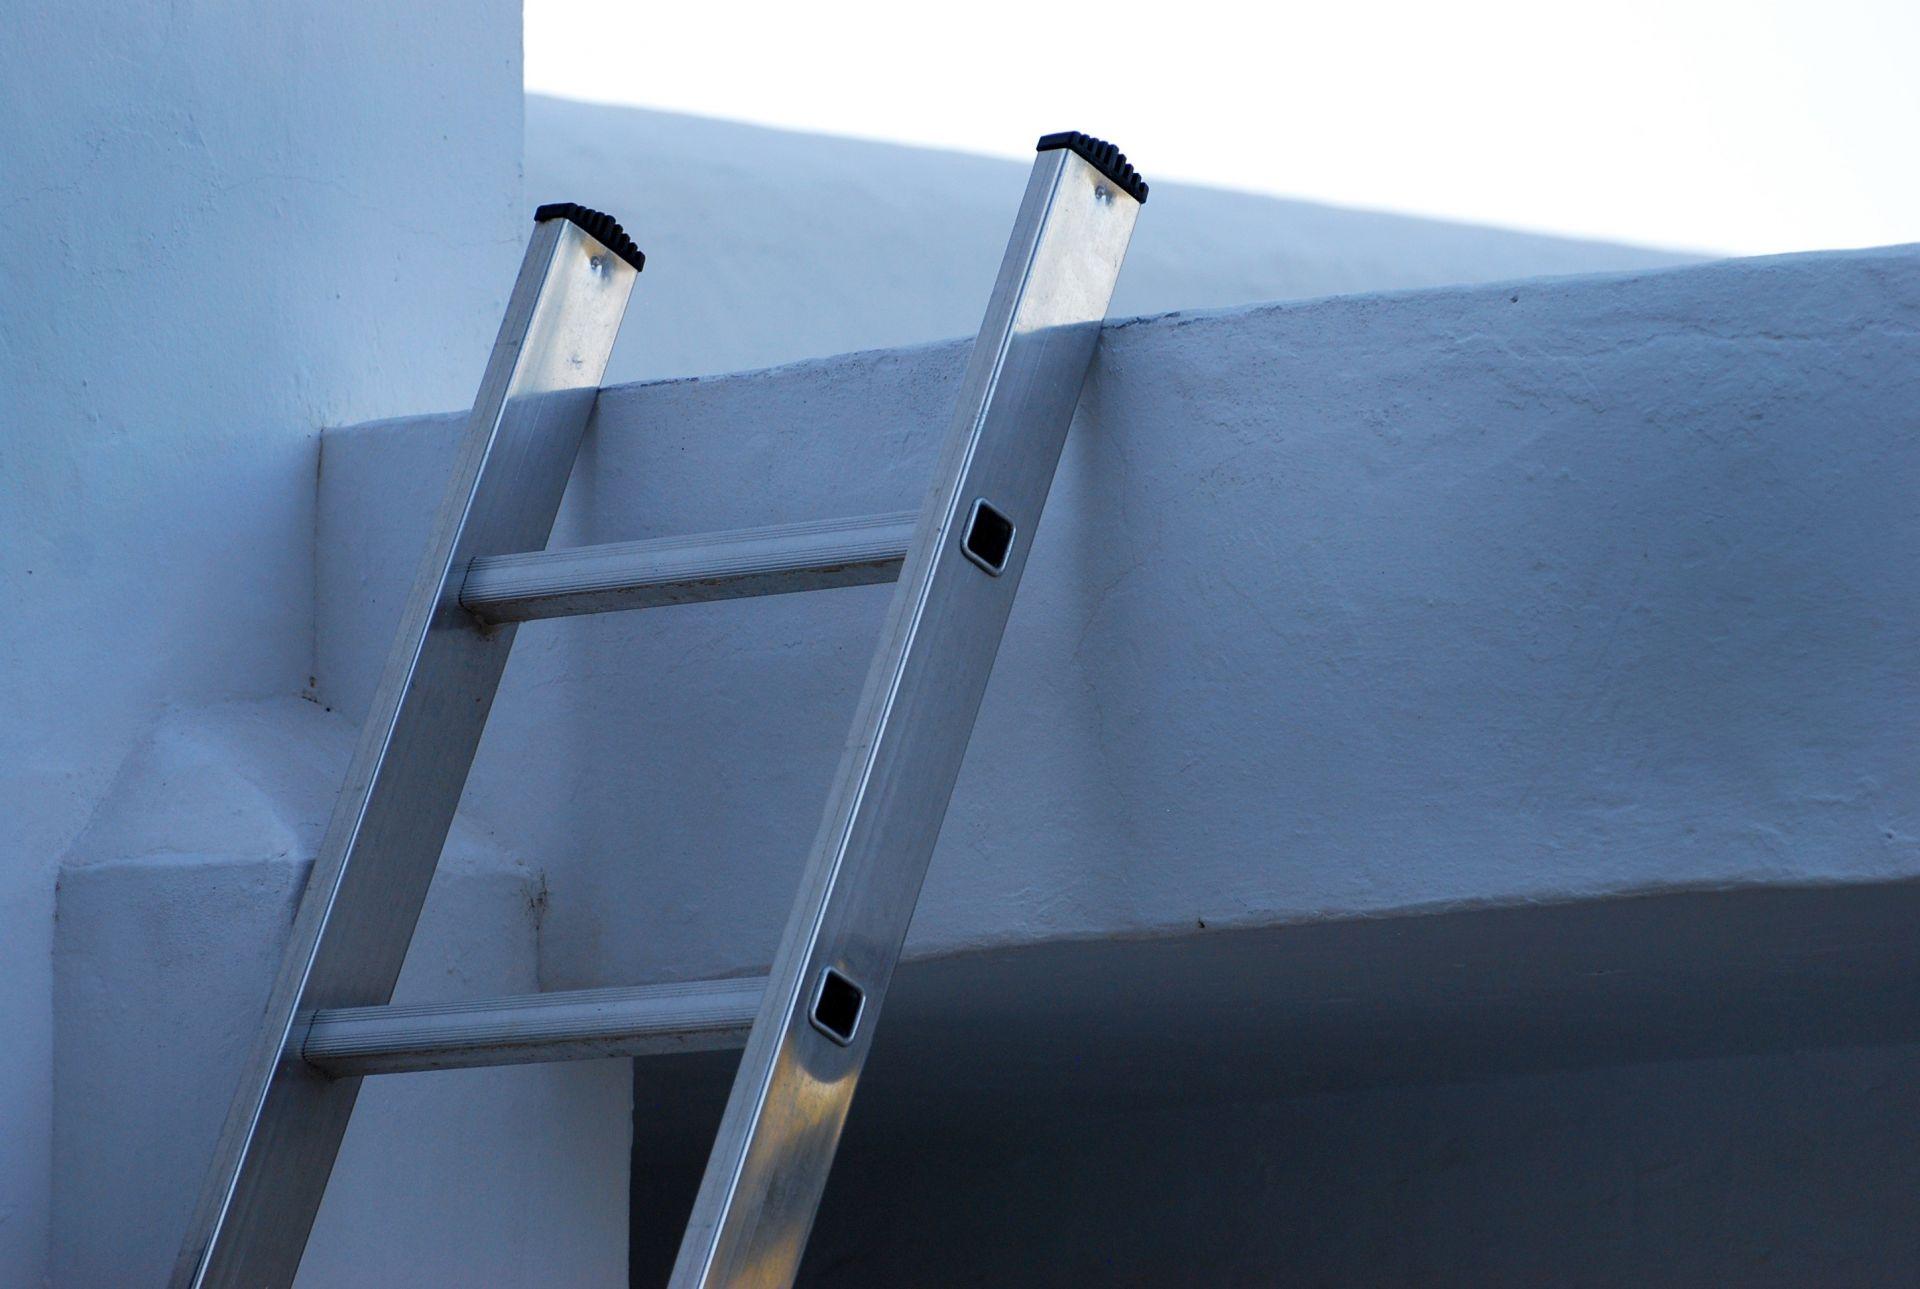 Alumiinitikkaiden yläpää nojaa seinään, jonka yläpuolella on ikkuna.